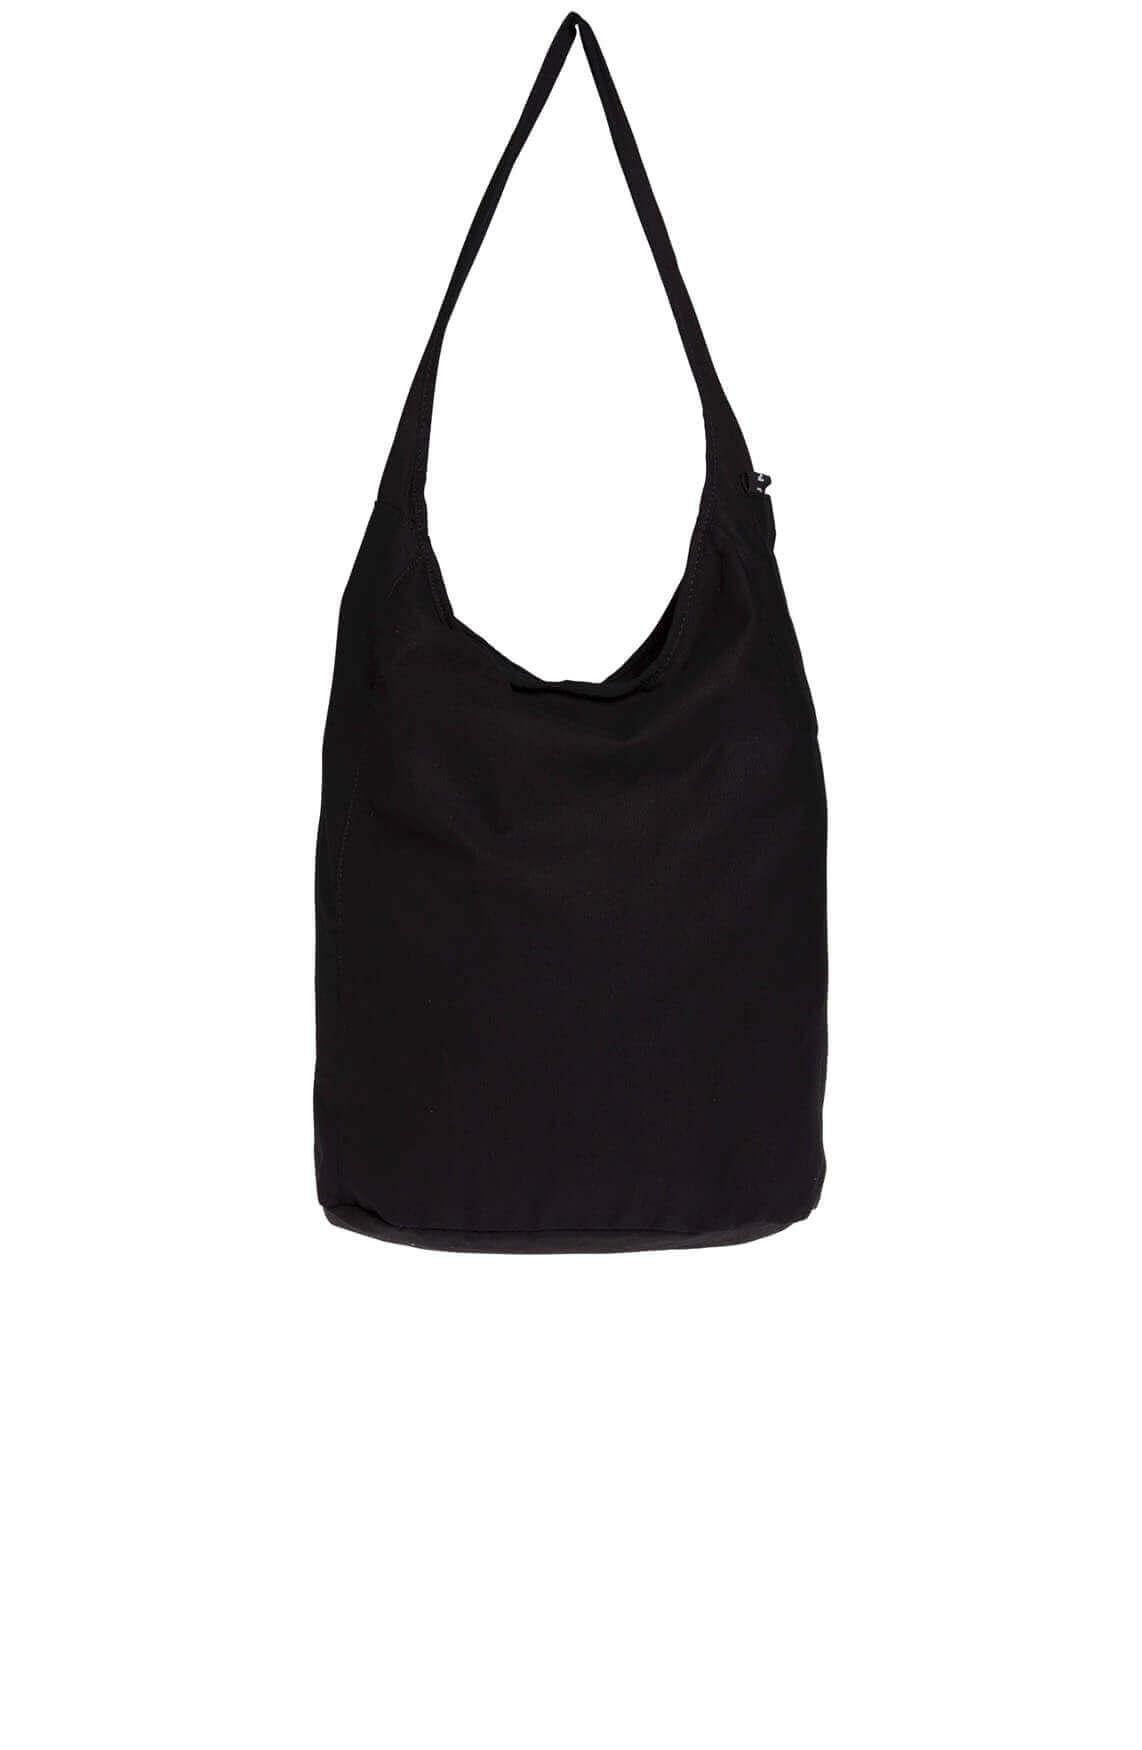 10 Days Dames Tote bag zwart